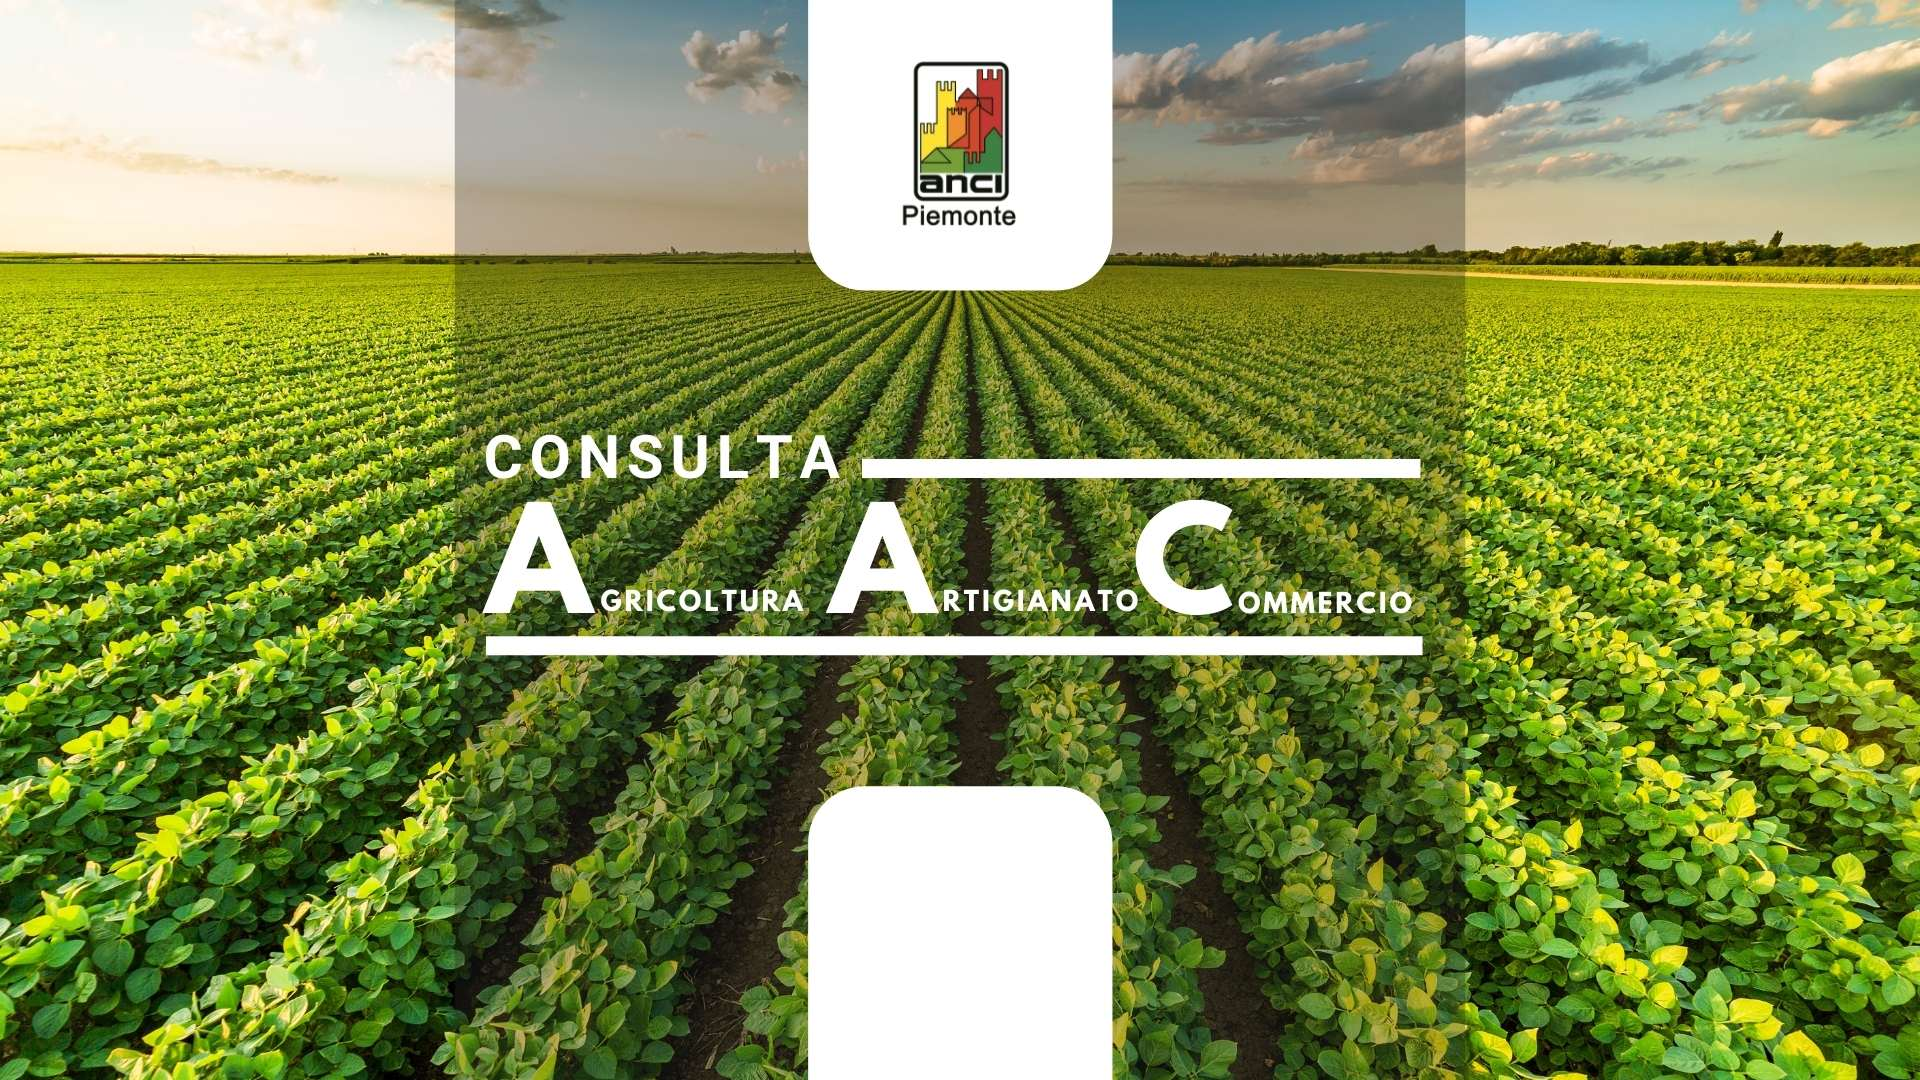 Consulta Agricoltura, Artigianato e Commercio